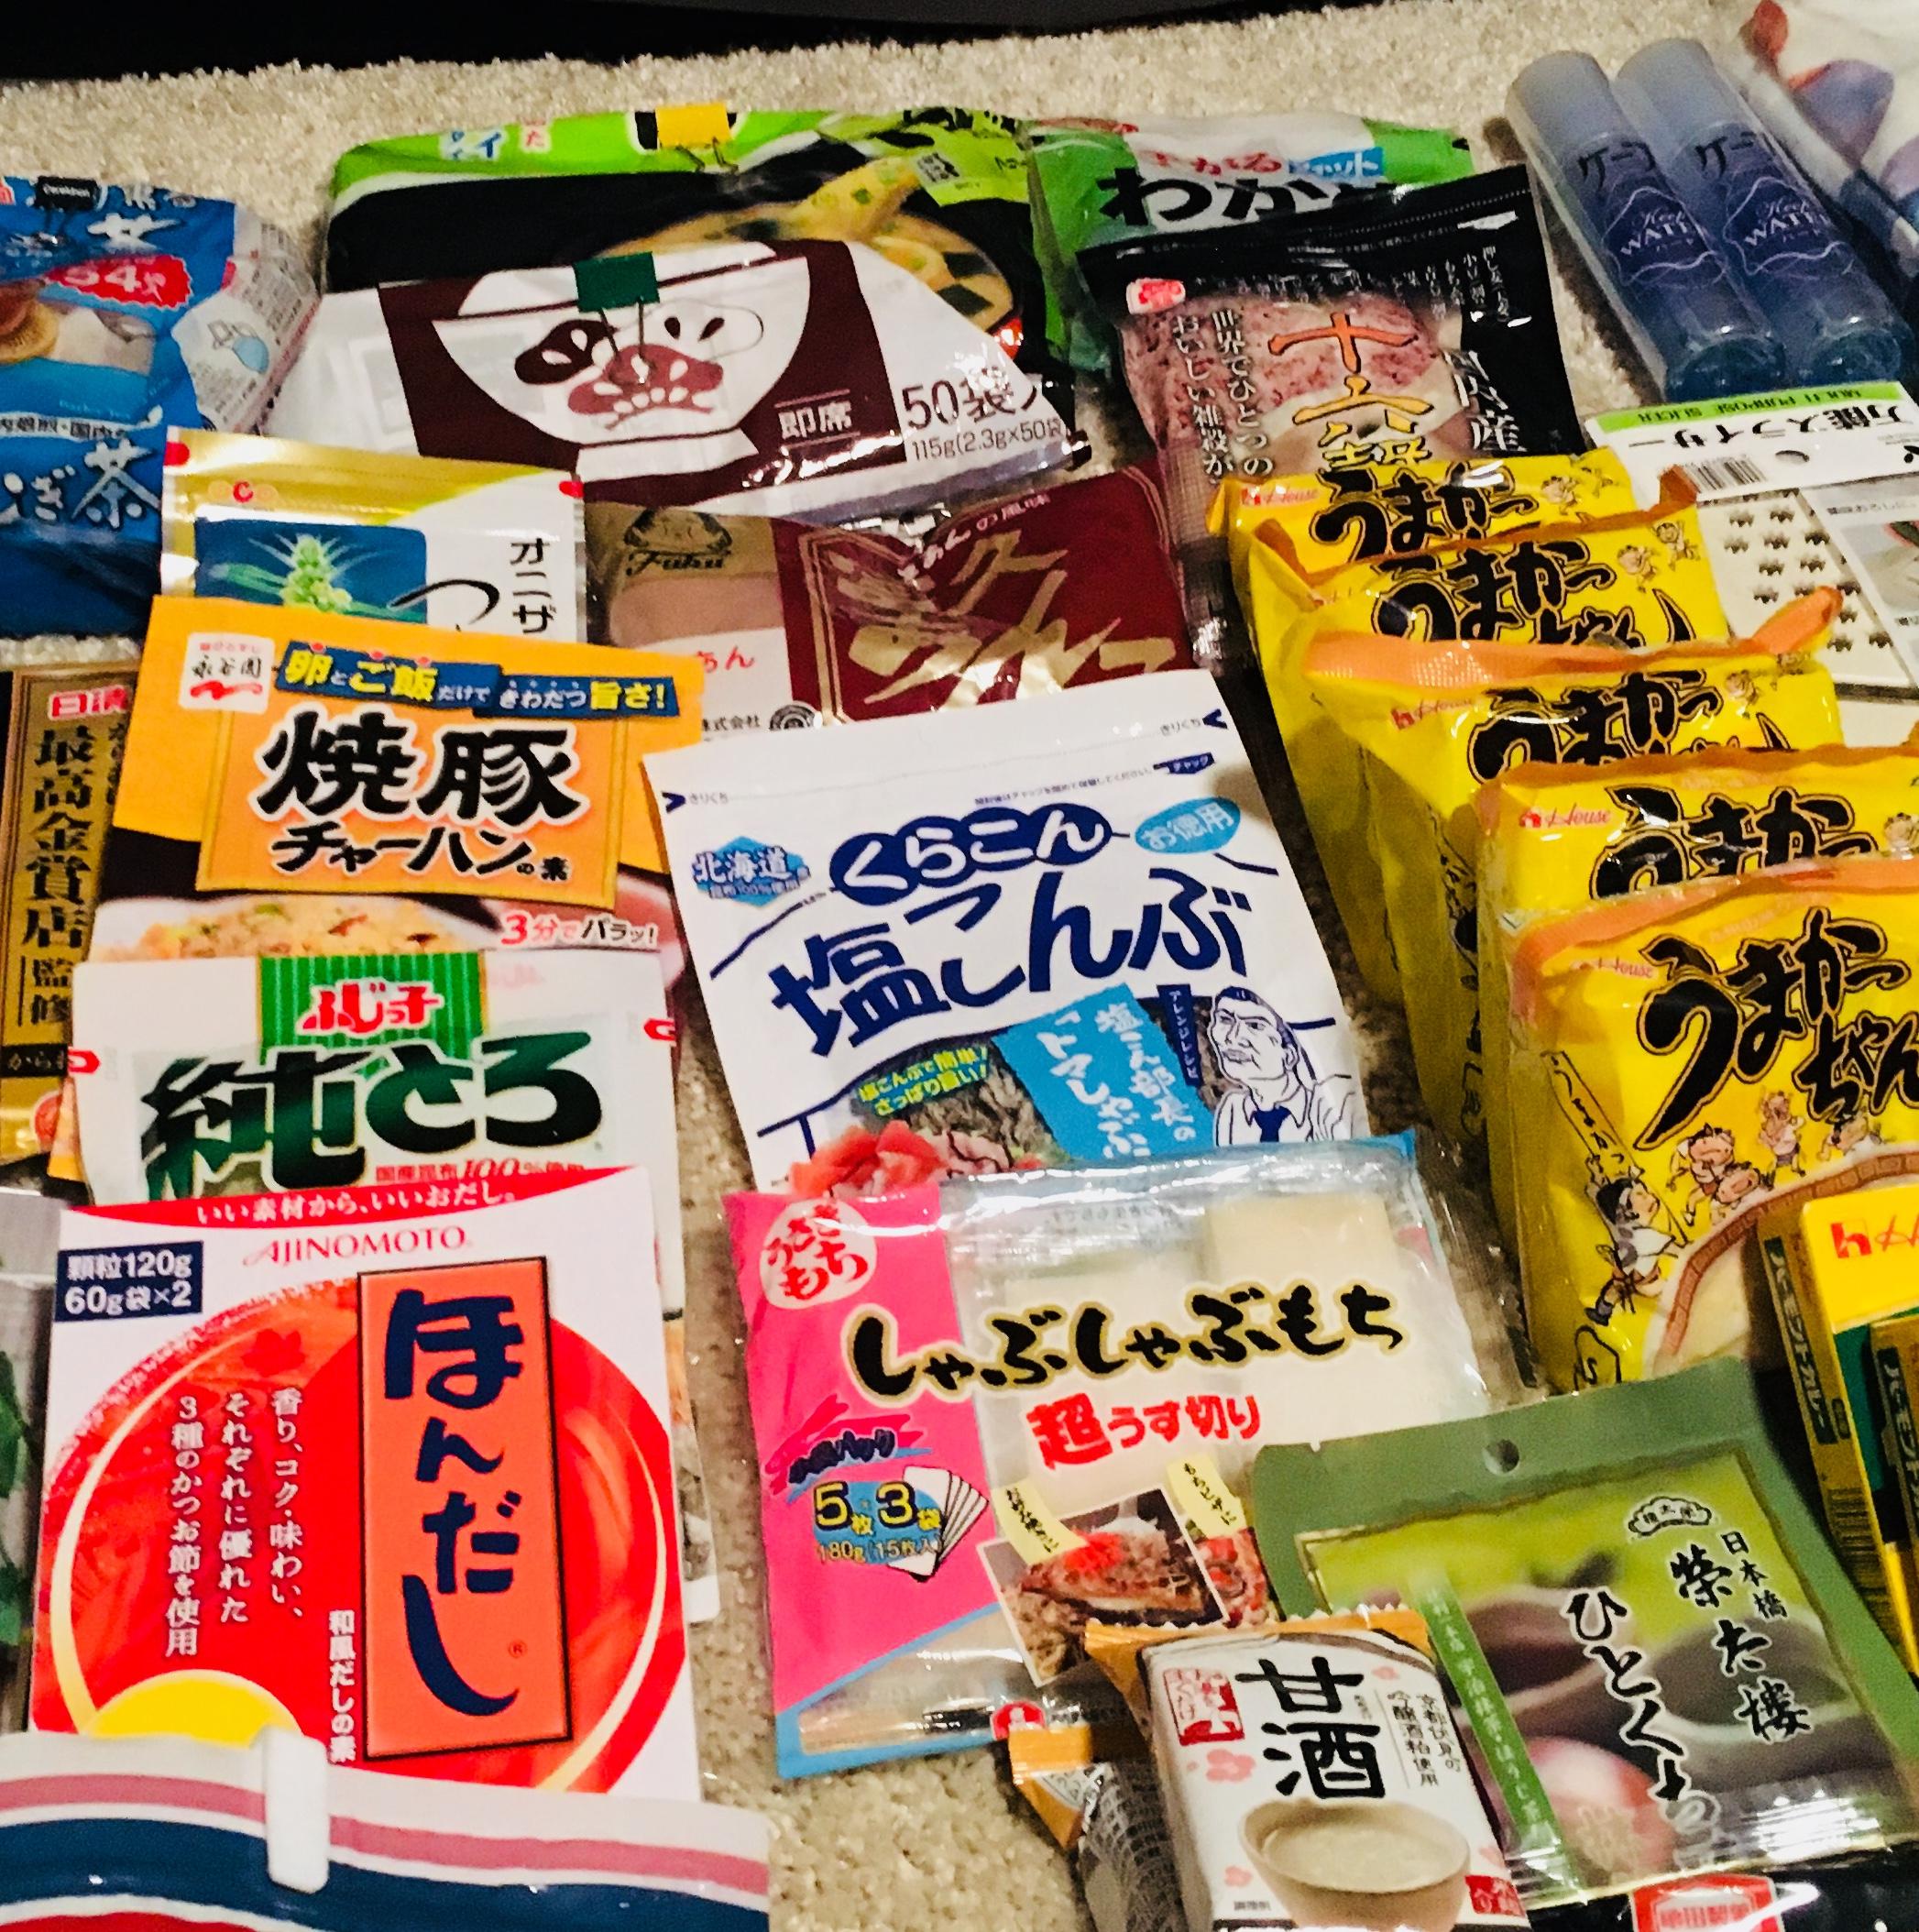 国際郵便(小包)を日本からフランスへ送る方法「郵便局での荷物の送り方」